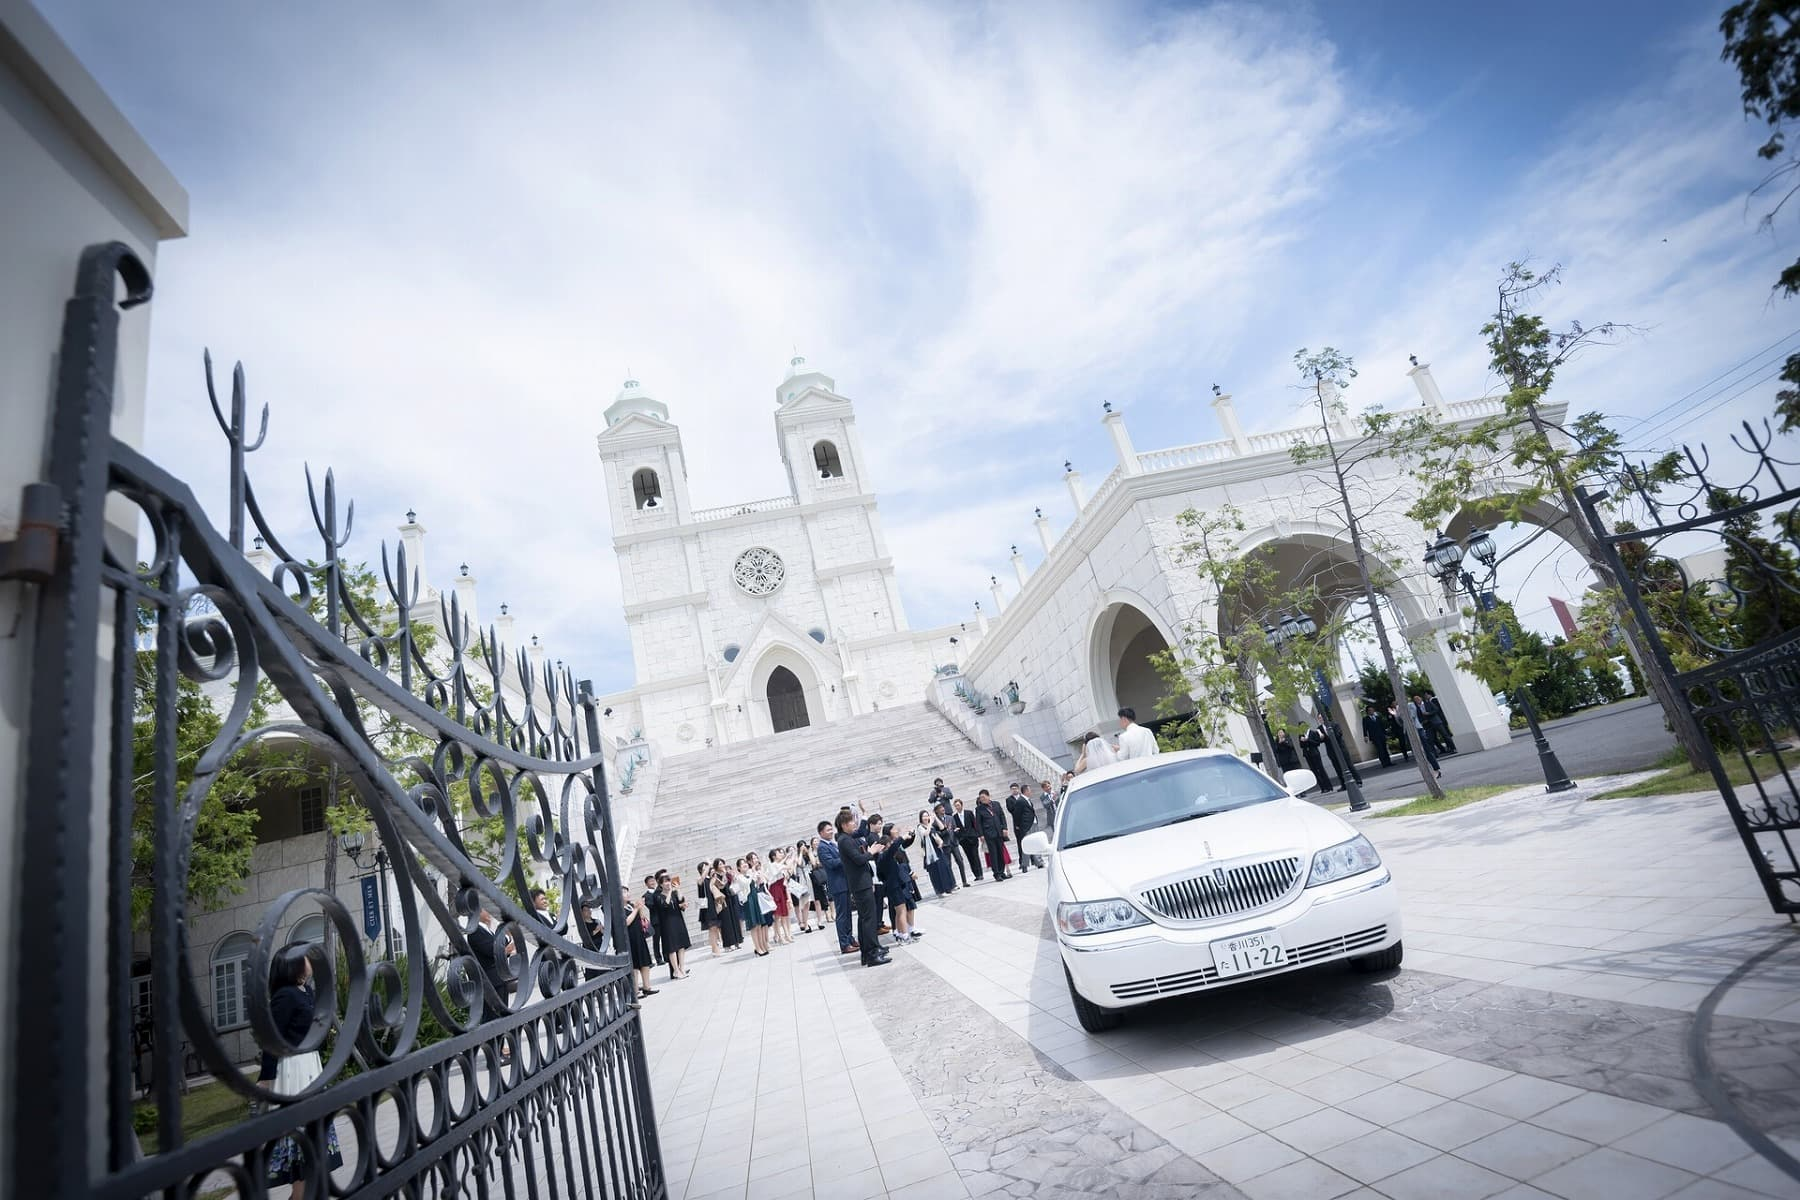 香川の結婚式場シェルエメール&アイスタイルでリムジン退場